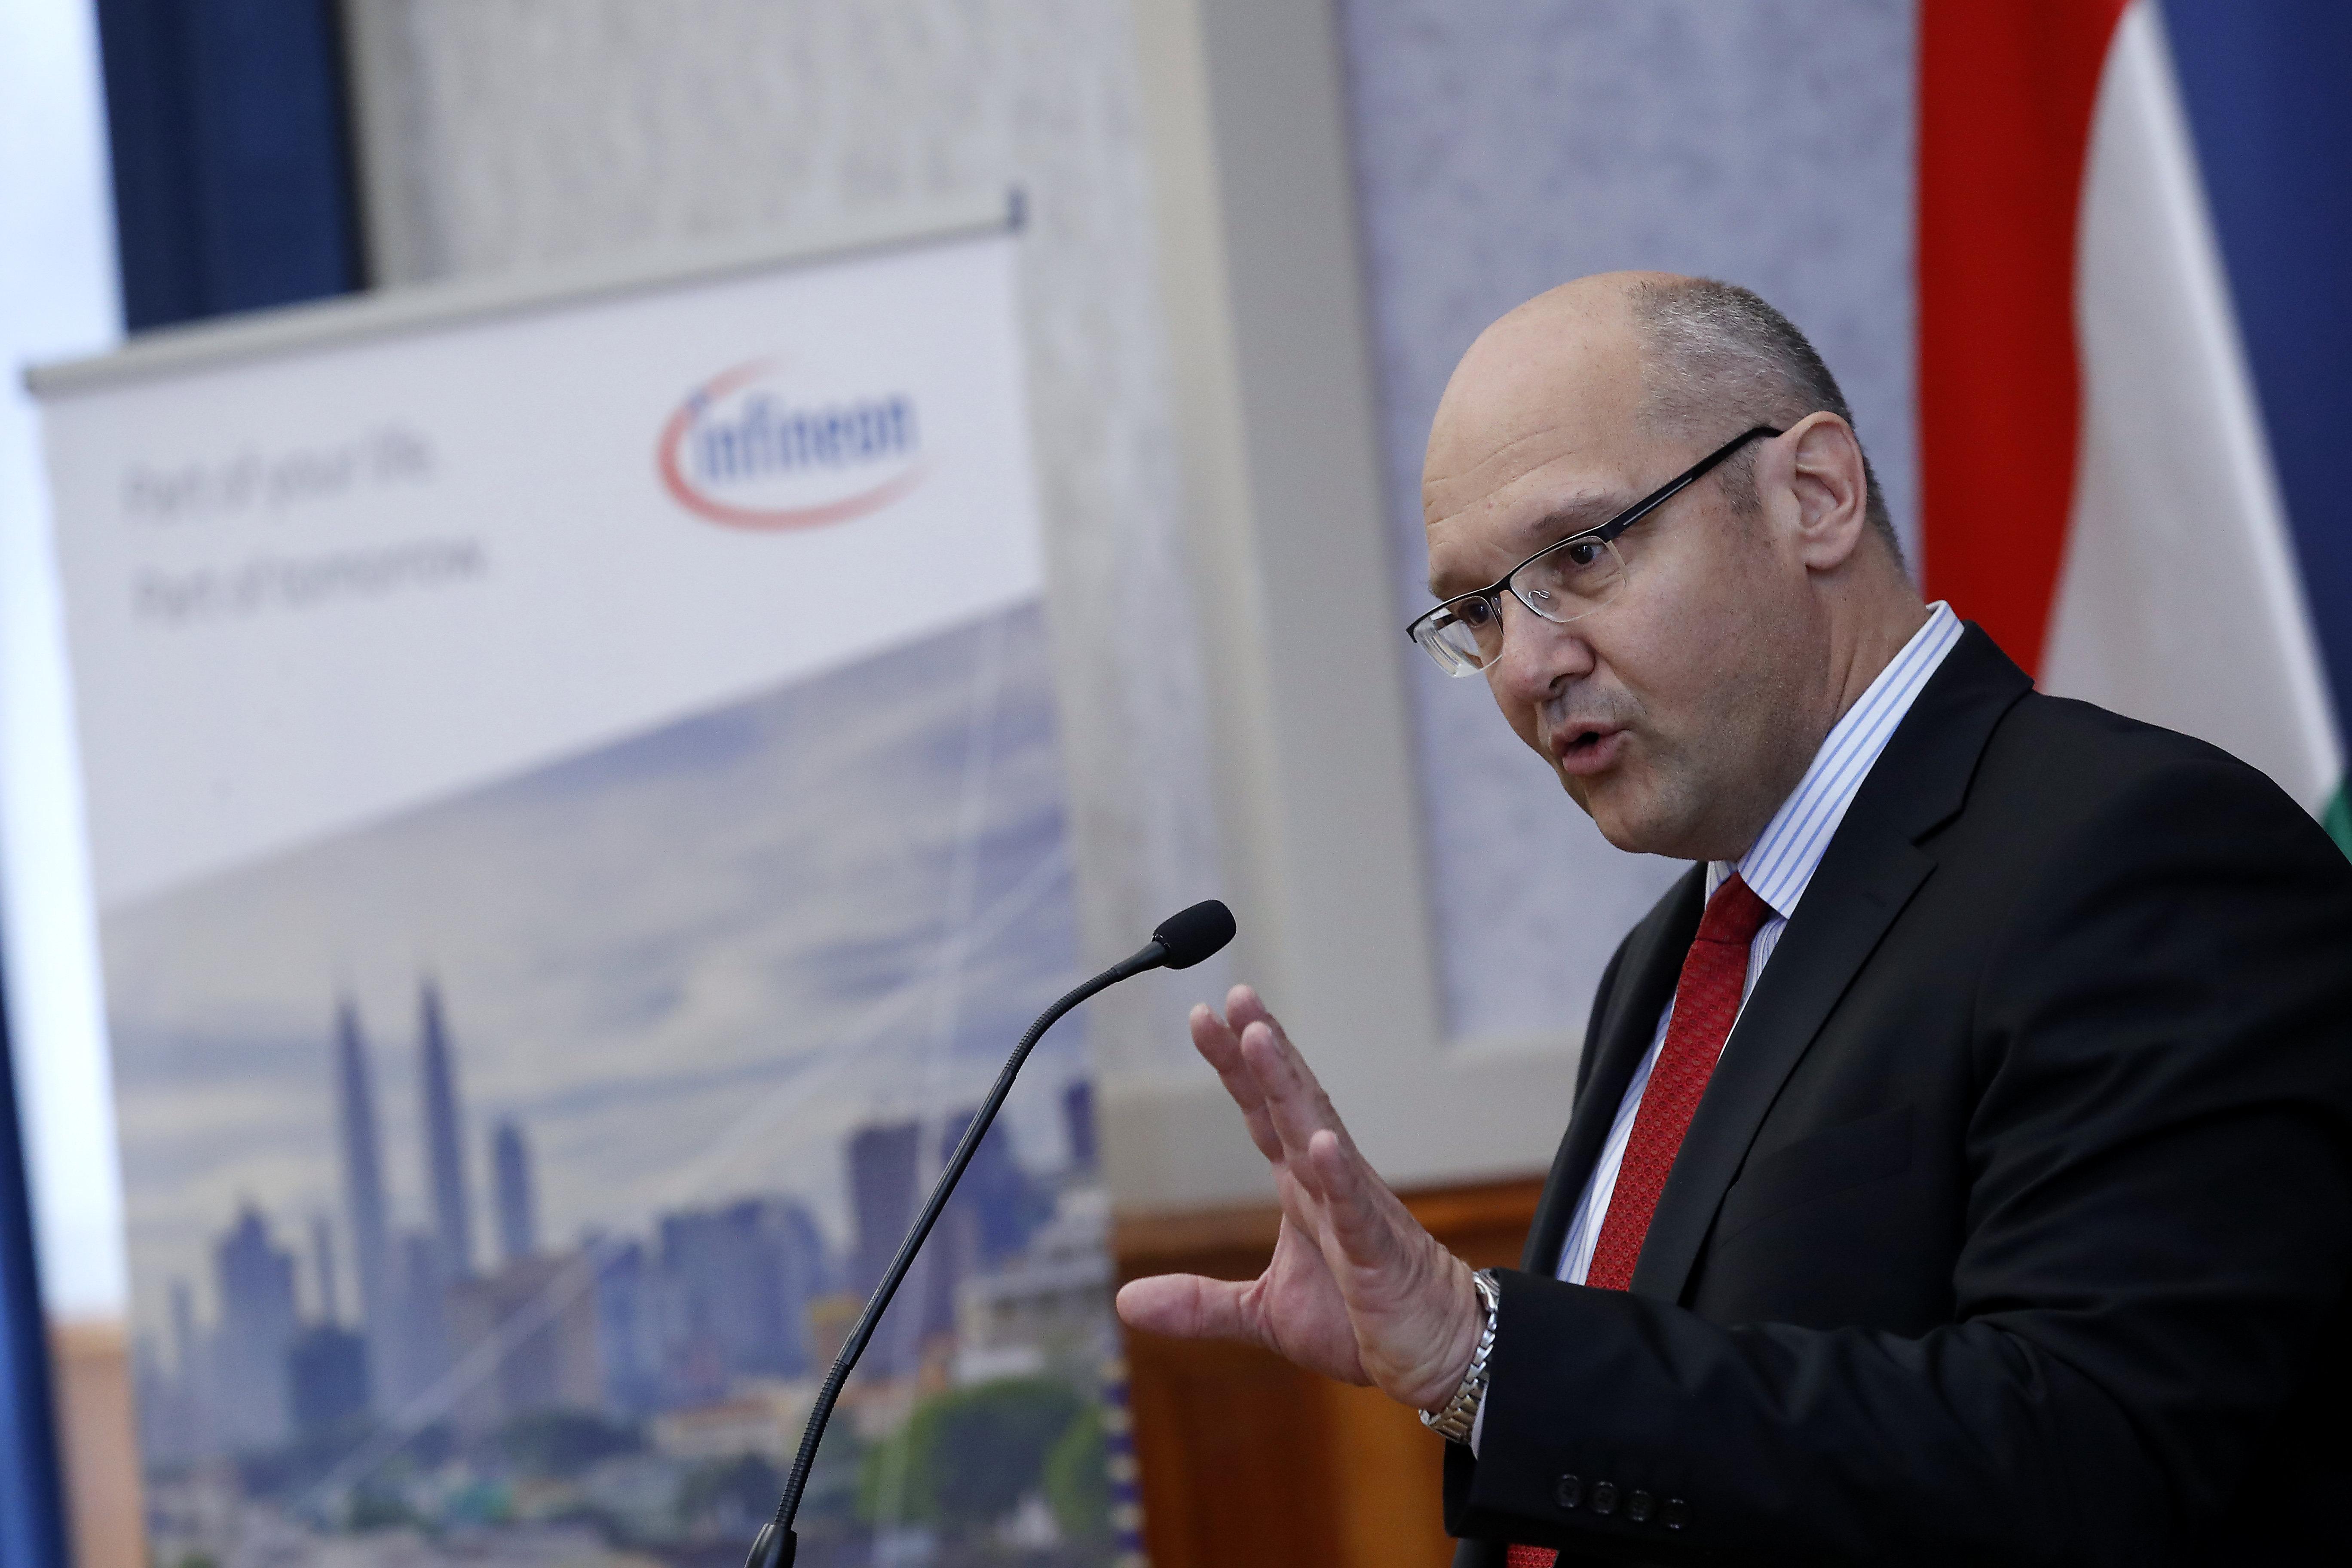 Jörg Spiegel, az Infineon Technologies